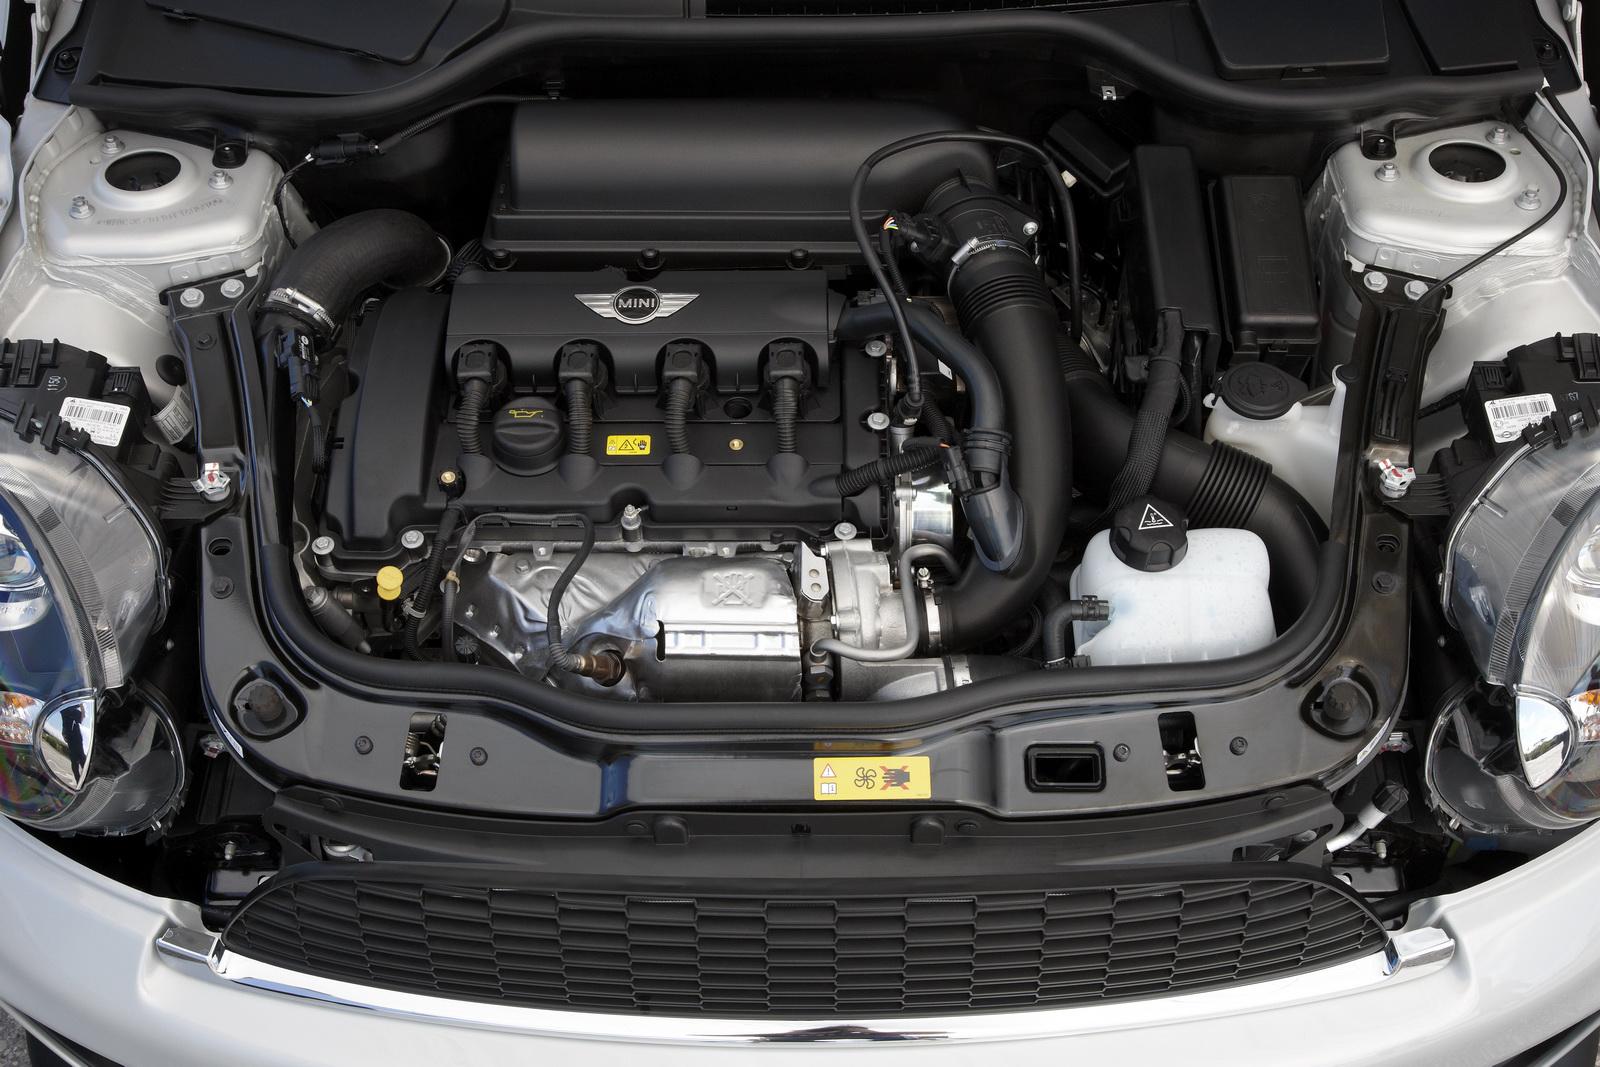 2017 Mini Cooper Turbo Coupe